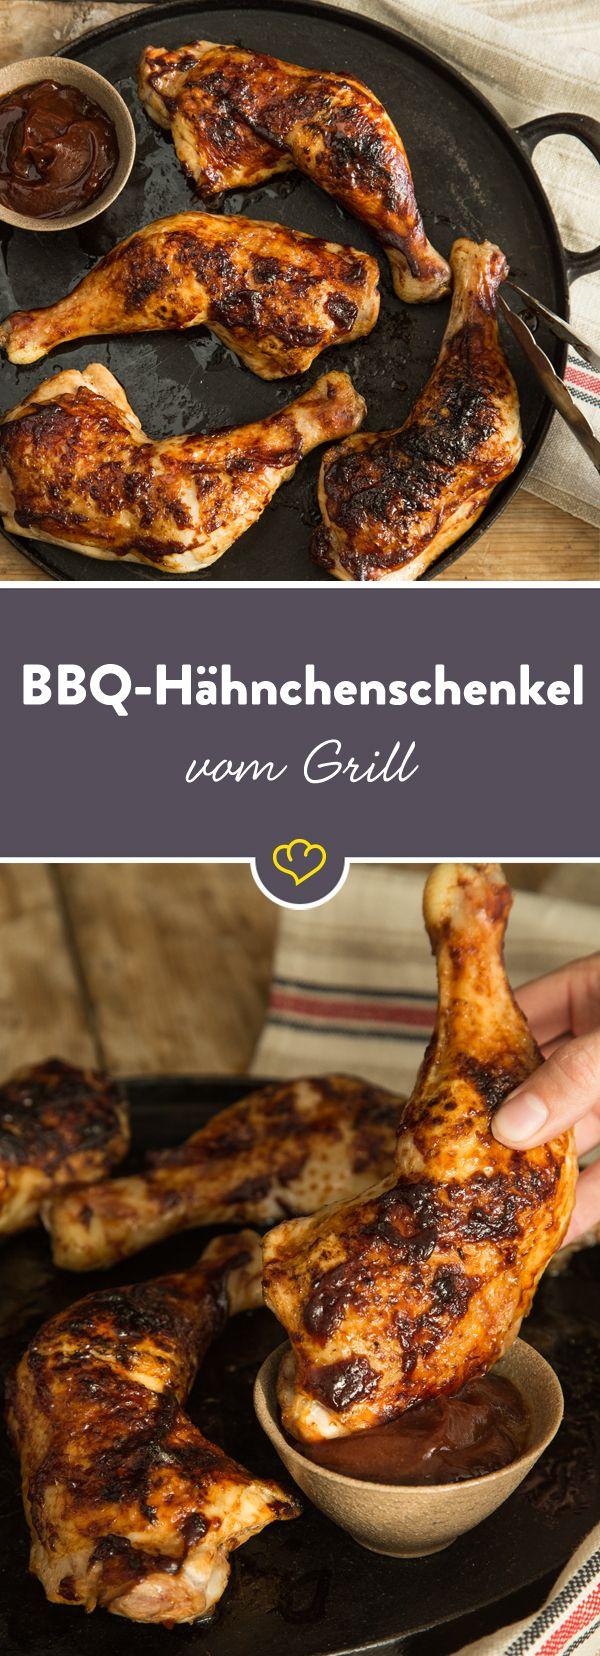 Knusprige BBQ-Hähnchenschenkel vom Grill #grilledporksteaks